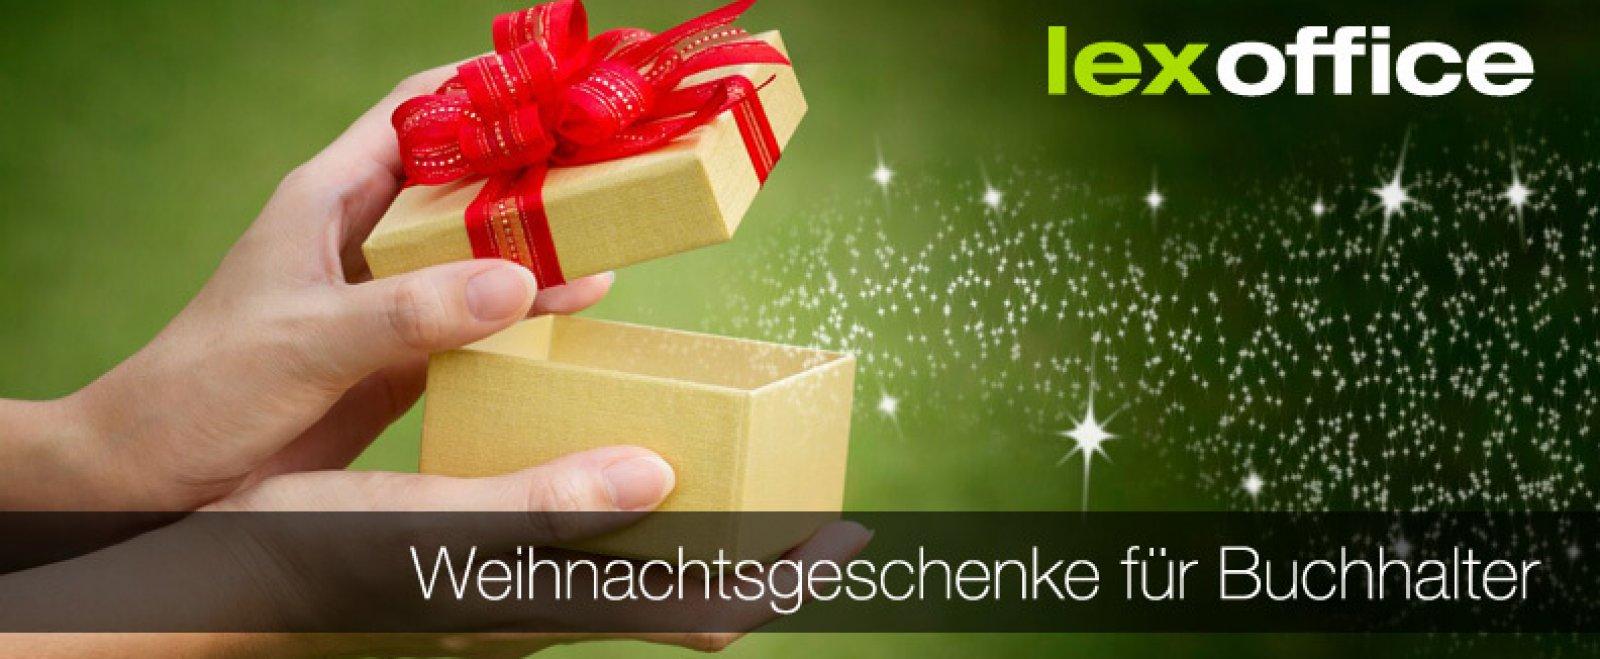 Weihnachtsgeschenke für lexoffice Buchhalter